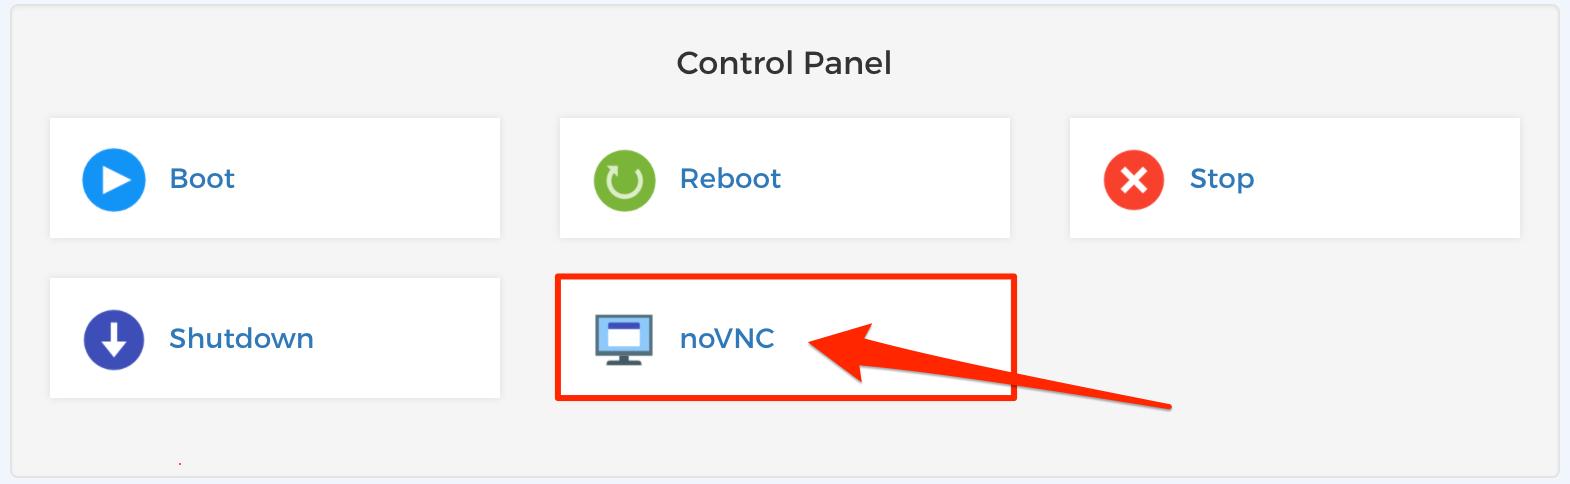 noVNC Client